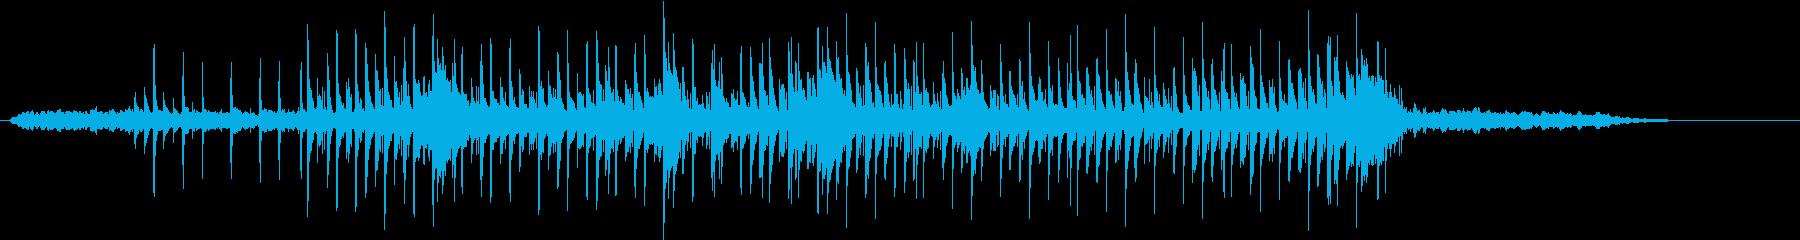 和風なサウンドとトラップビートの融合の再生済みの波形